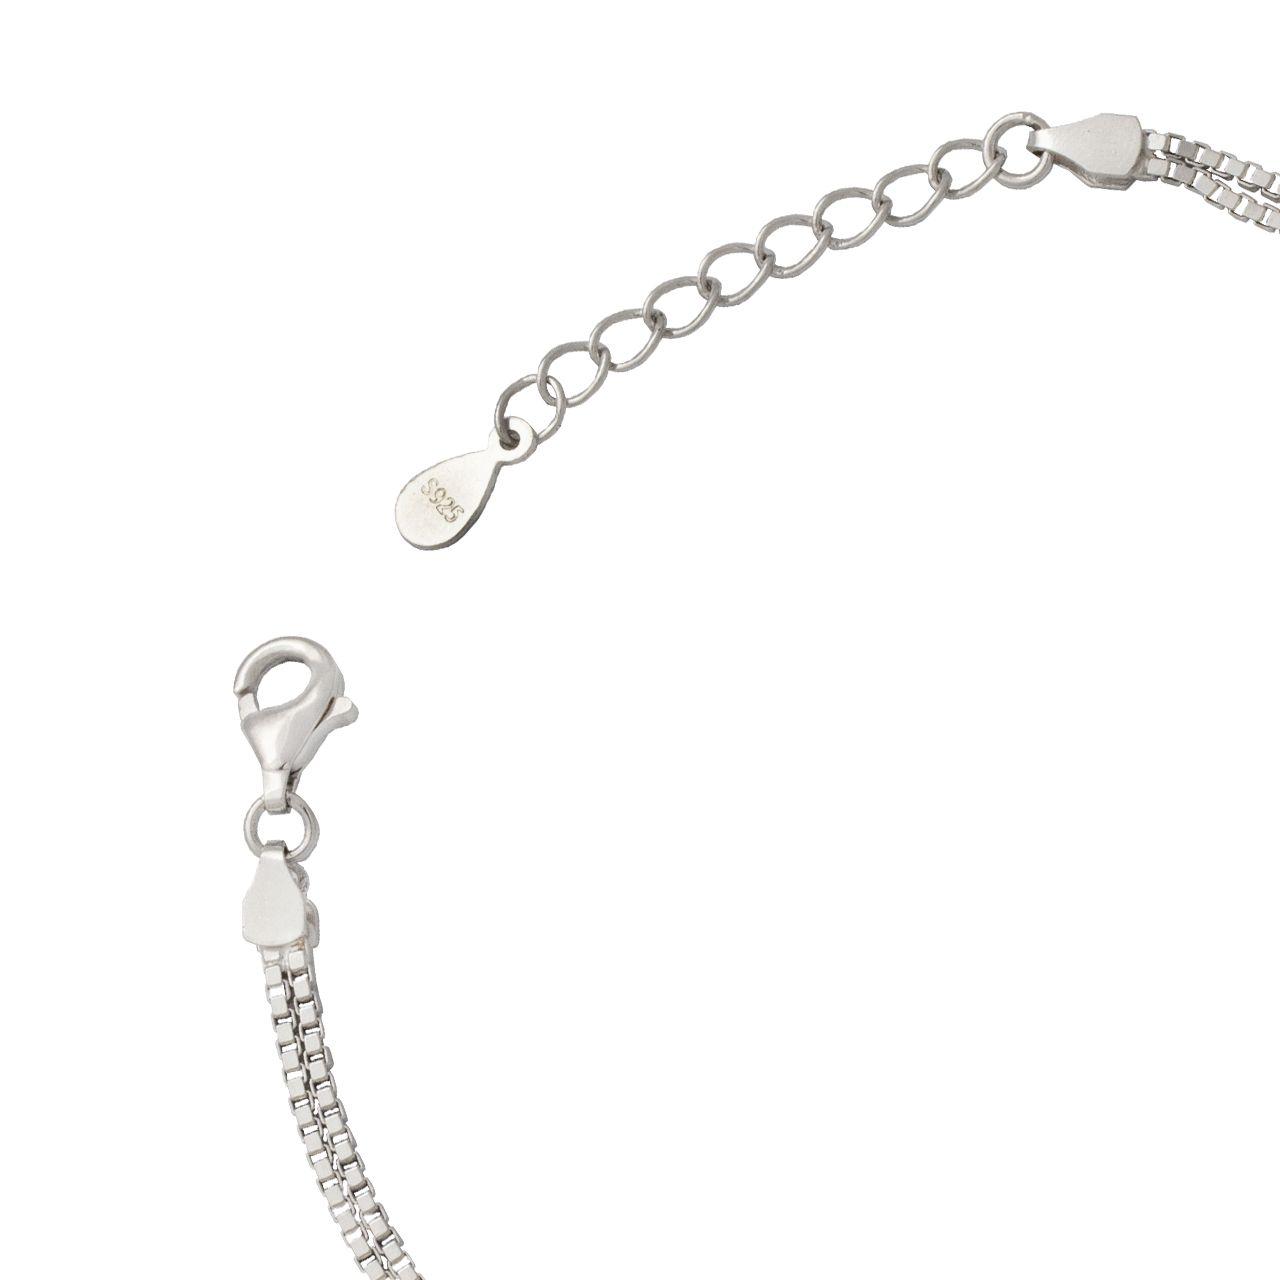 دستبند نقره زنانه کد 406 -  - 4